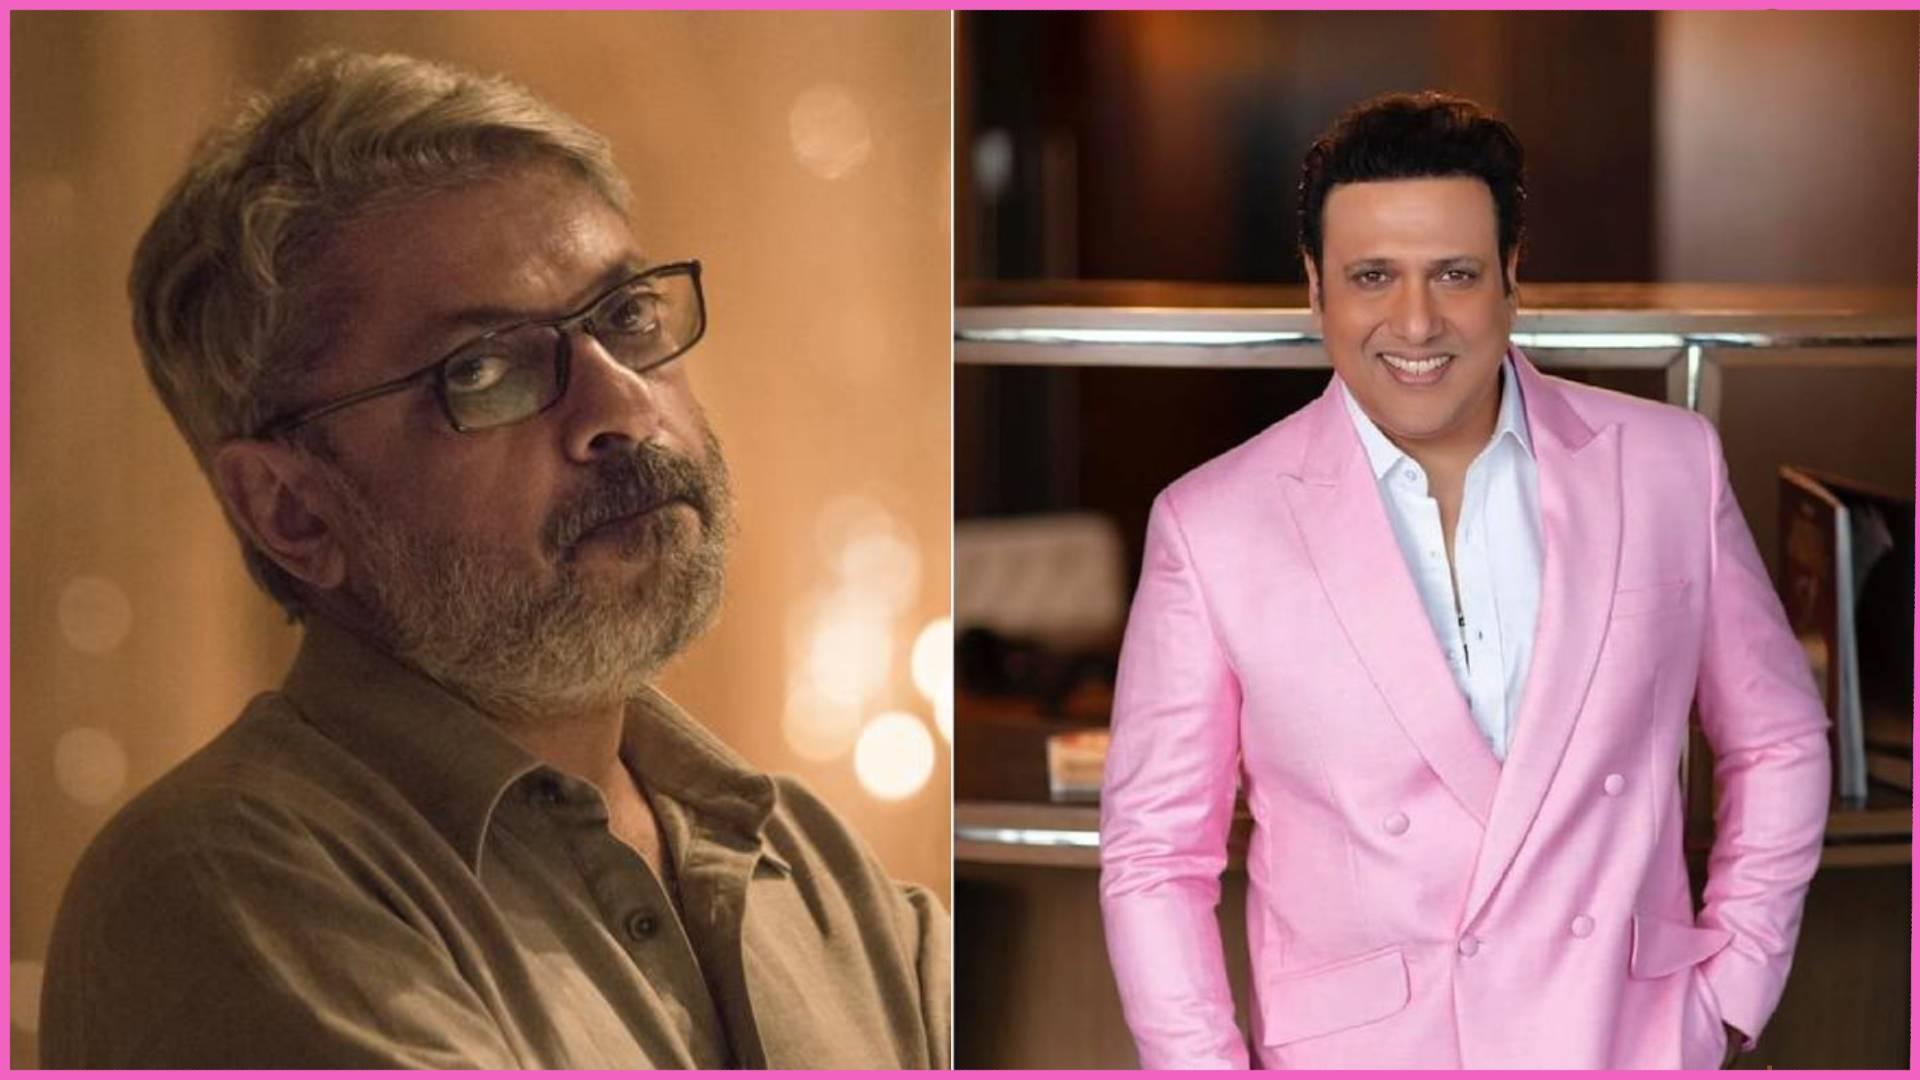 सिर्फ अवतार ही नहीं, संजय लीला भंसाली की इस सुपरहिट फिल्म को भी गोविंदा ने कहा था ना, अब हो रहा है पछतावा